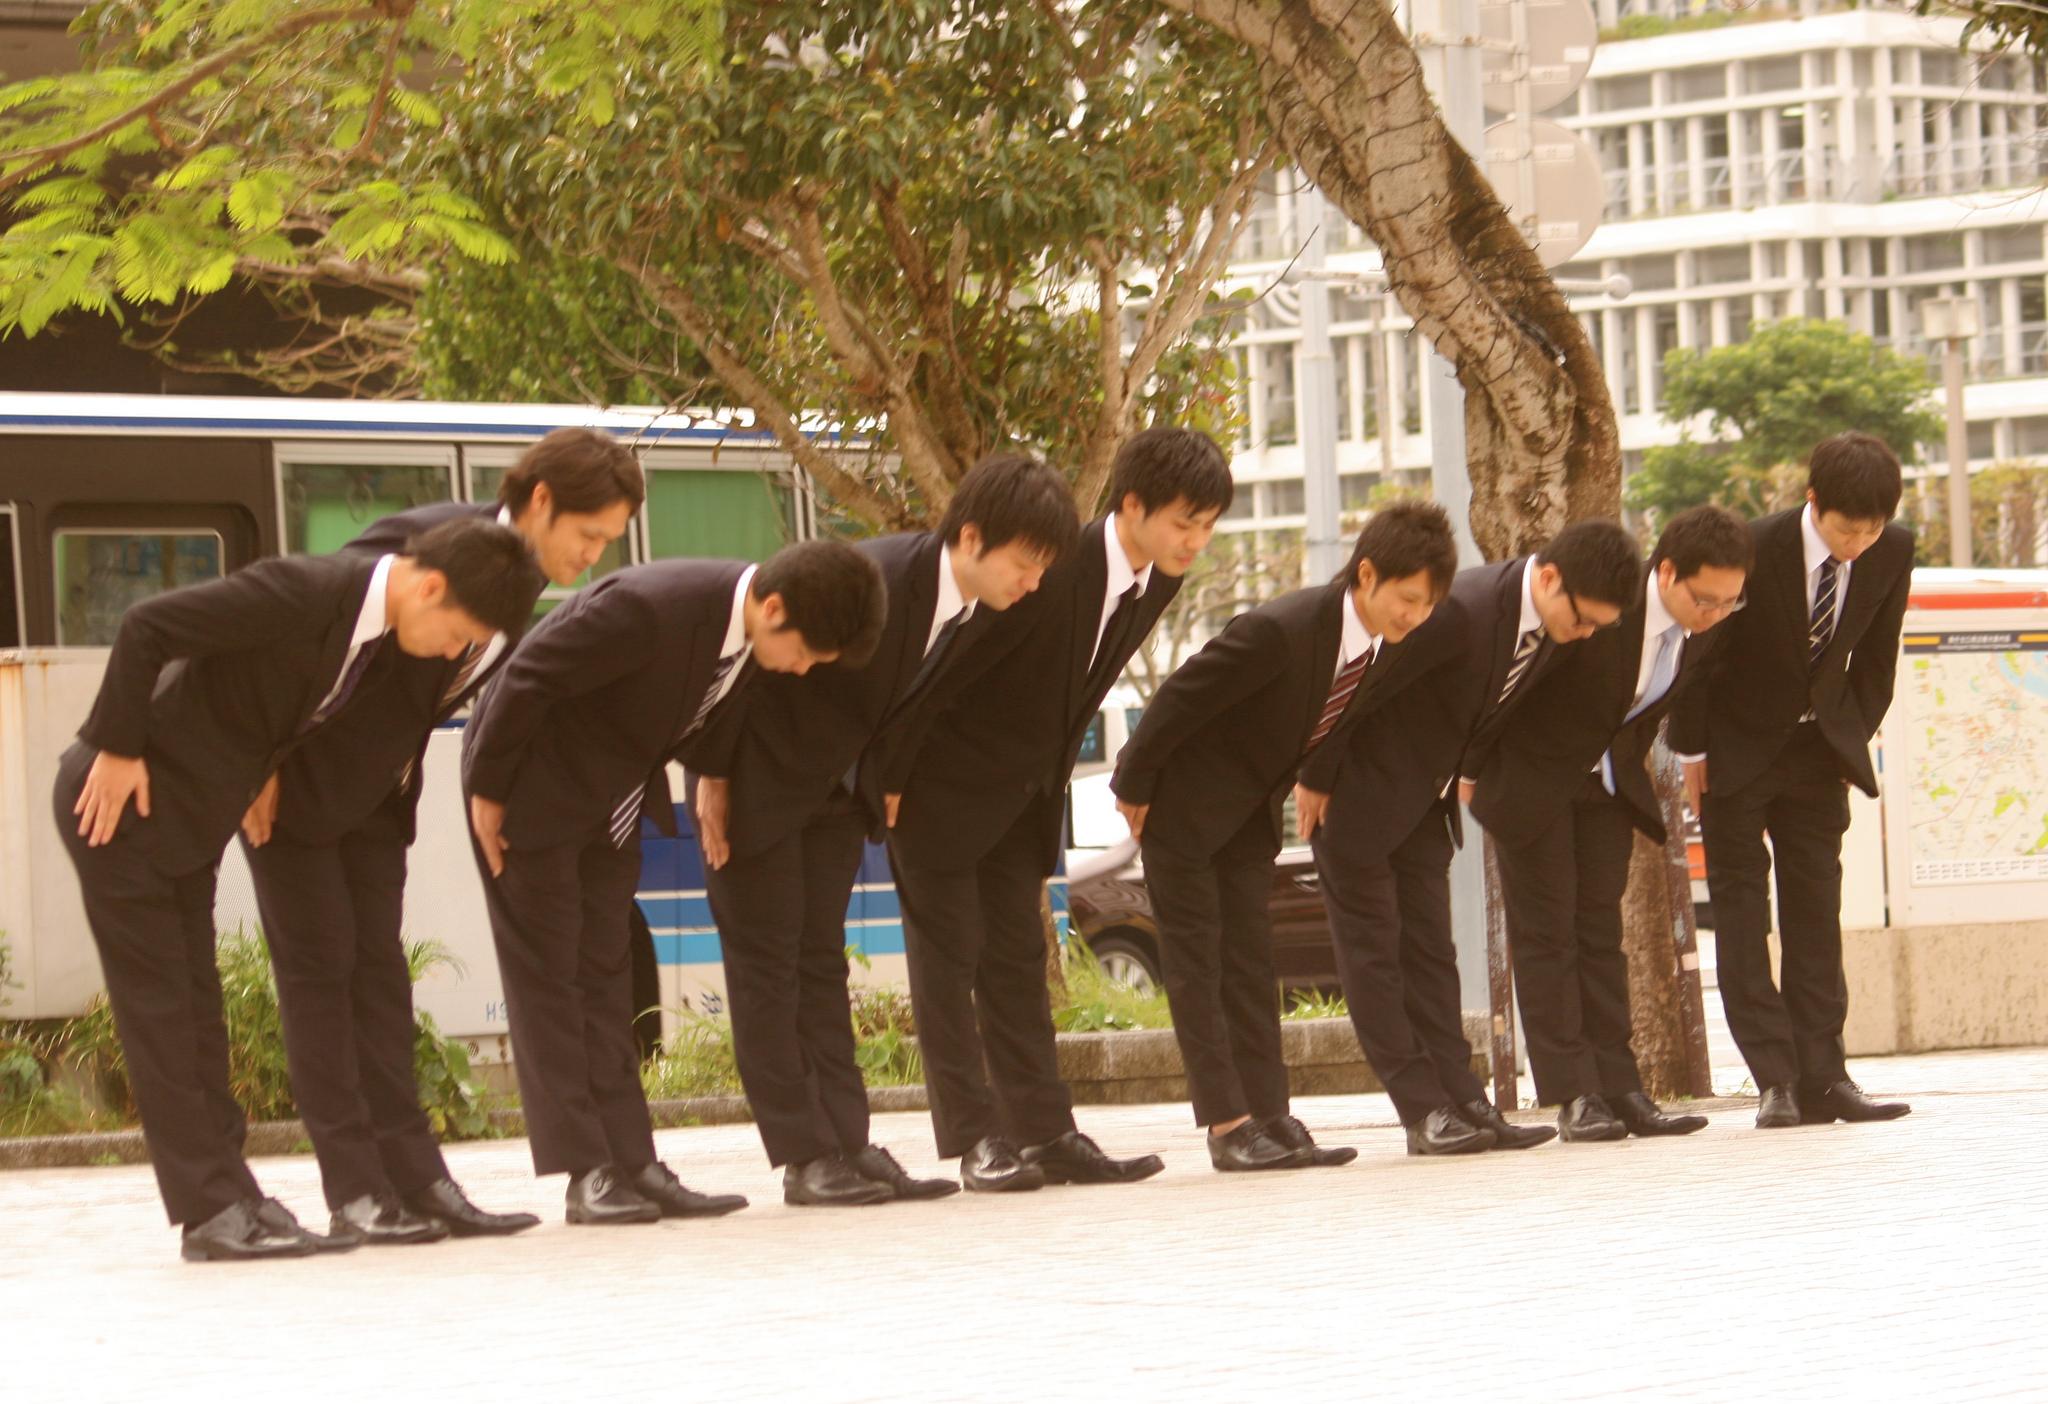 يعتبر التناغم ركيزة أساسية لدى العقلية اليابانية